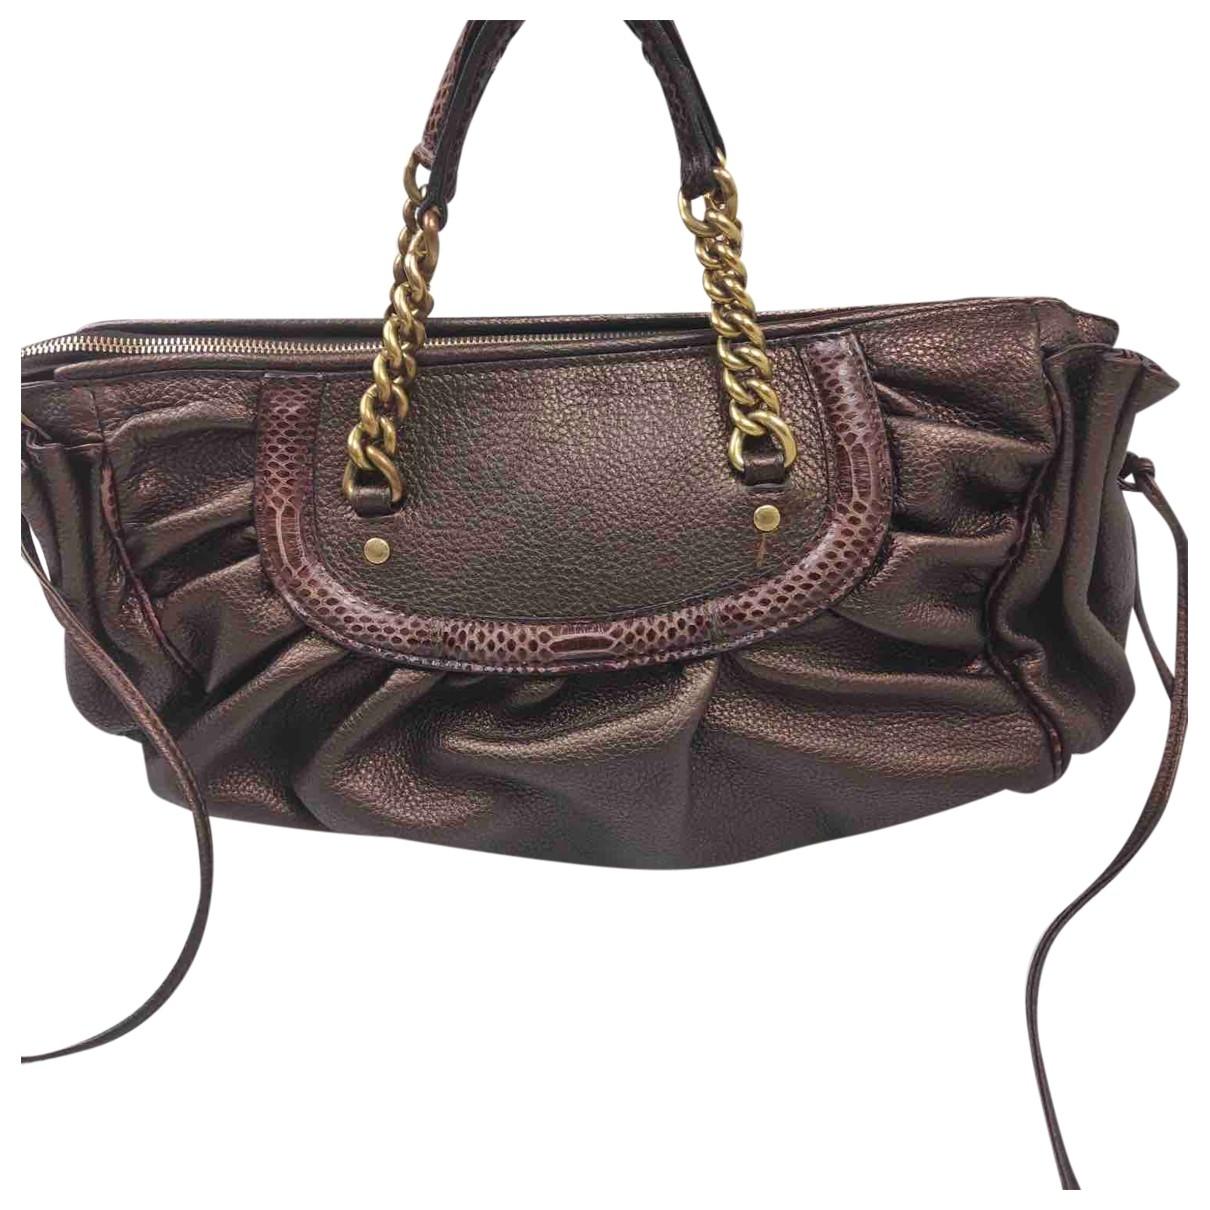 Dolce & Gabbana \N Handtasche in  Braun Leder